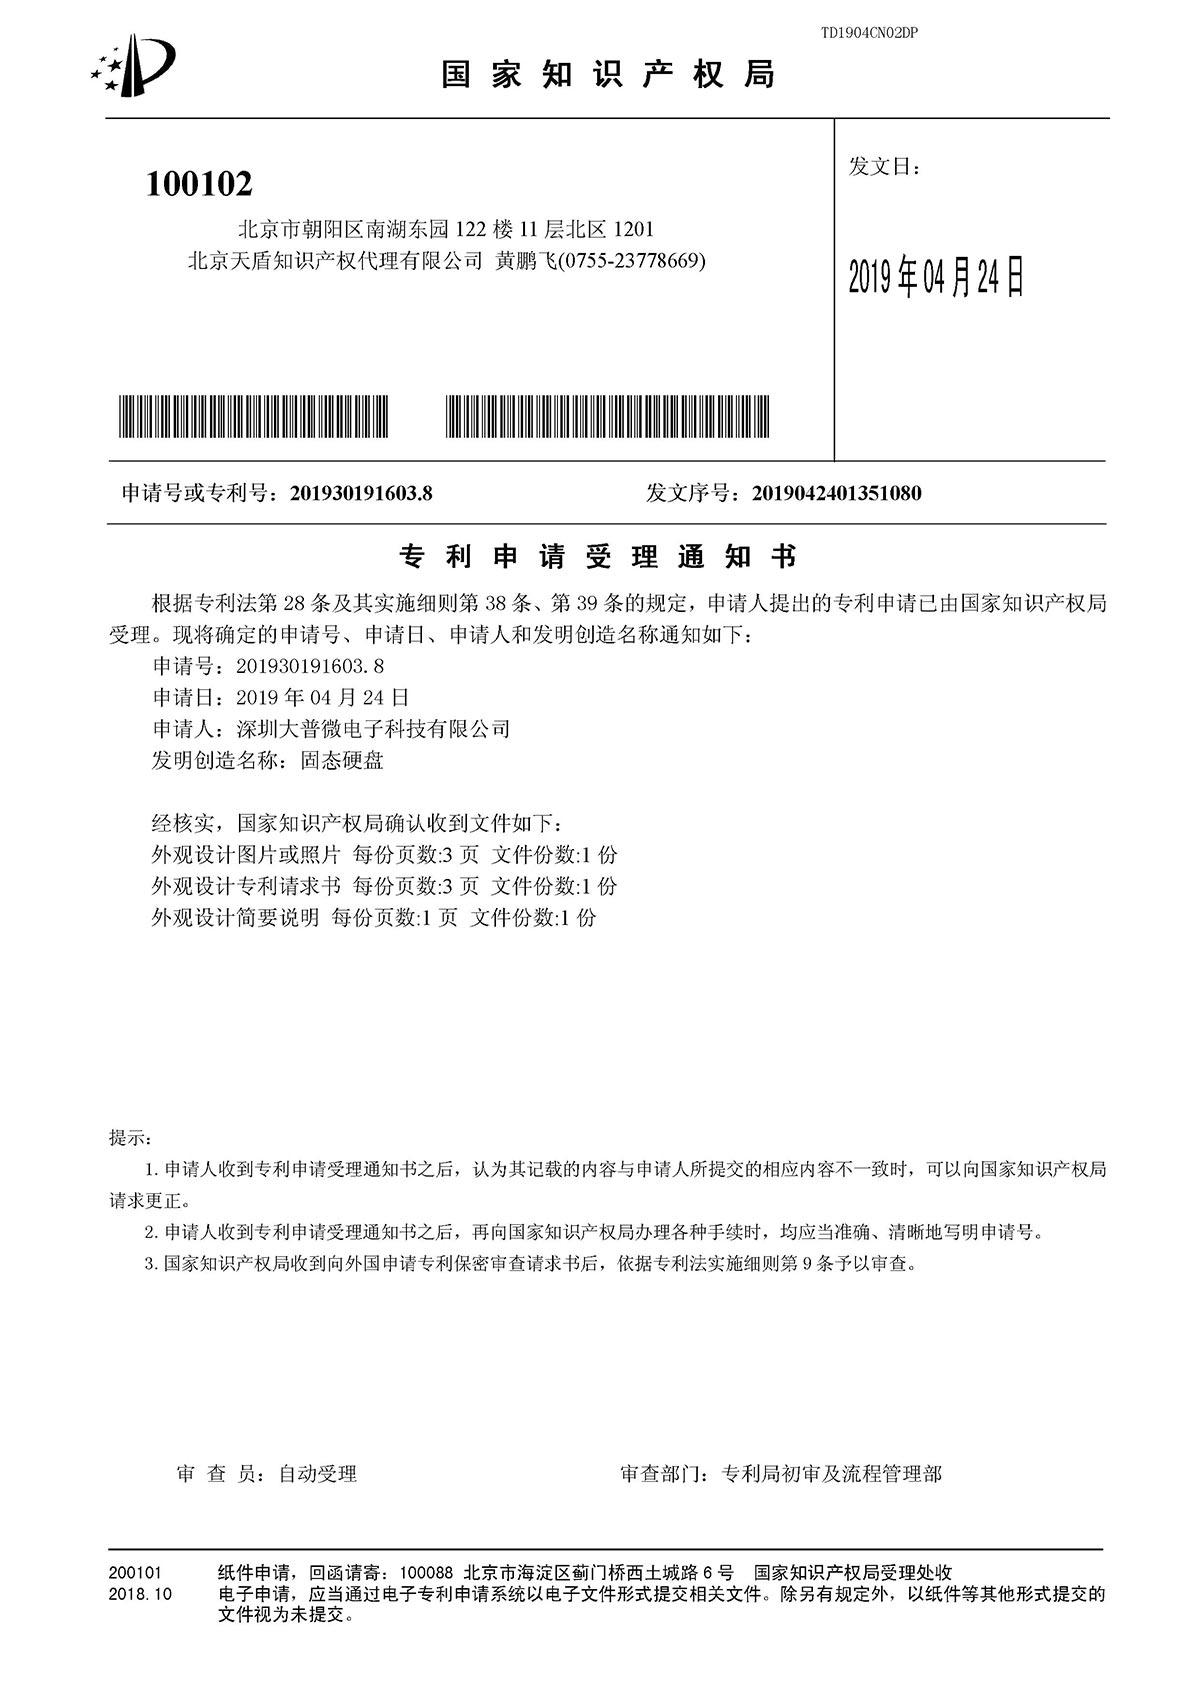 DCN3-19012 固态硬盘外观 受理